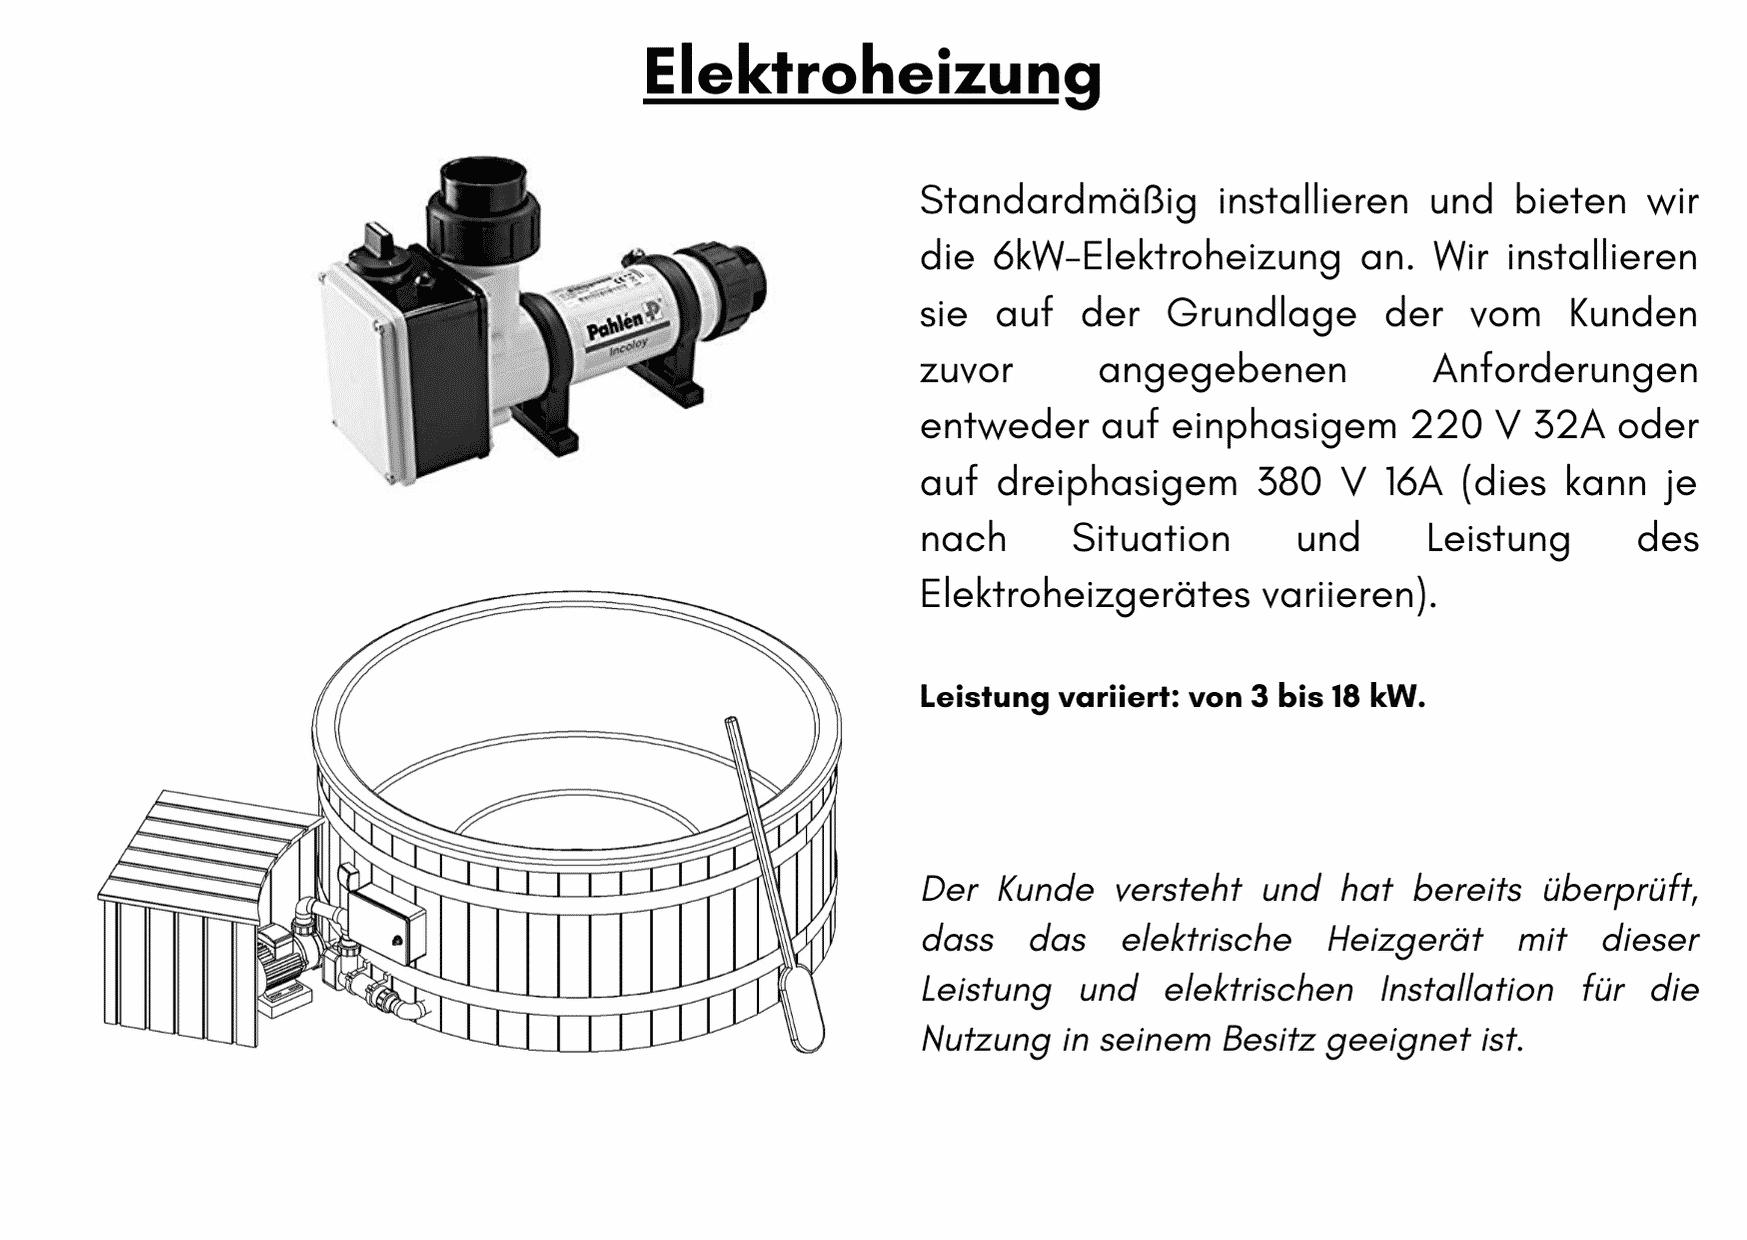 Elektrische Heizung 6 kW Badezuber GFK mit Aussenofen Holzofen Gasofen Dieselofen2